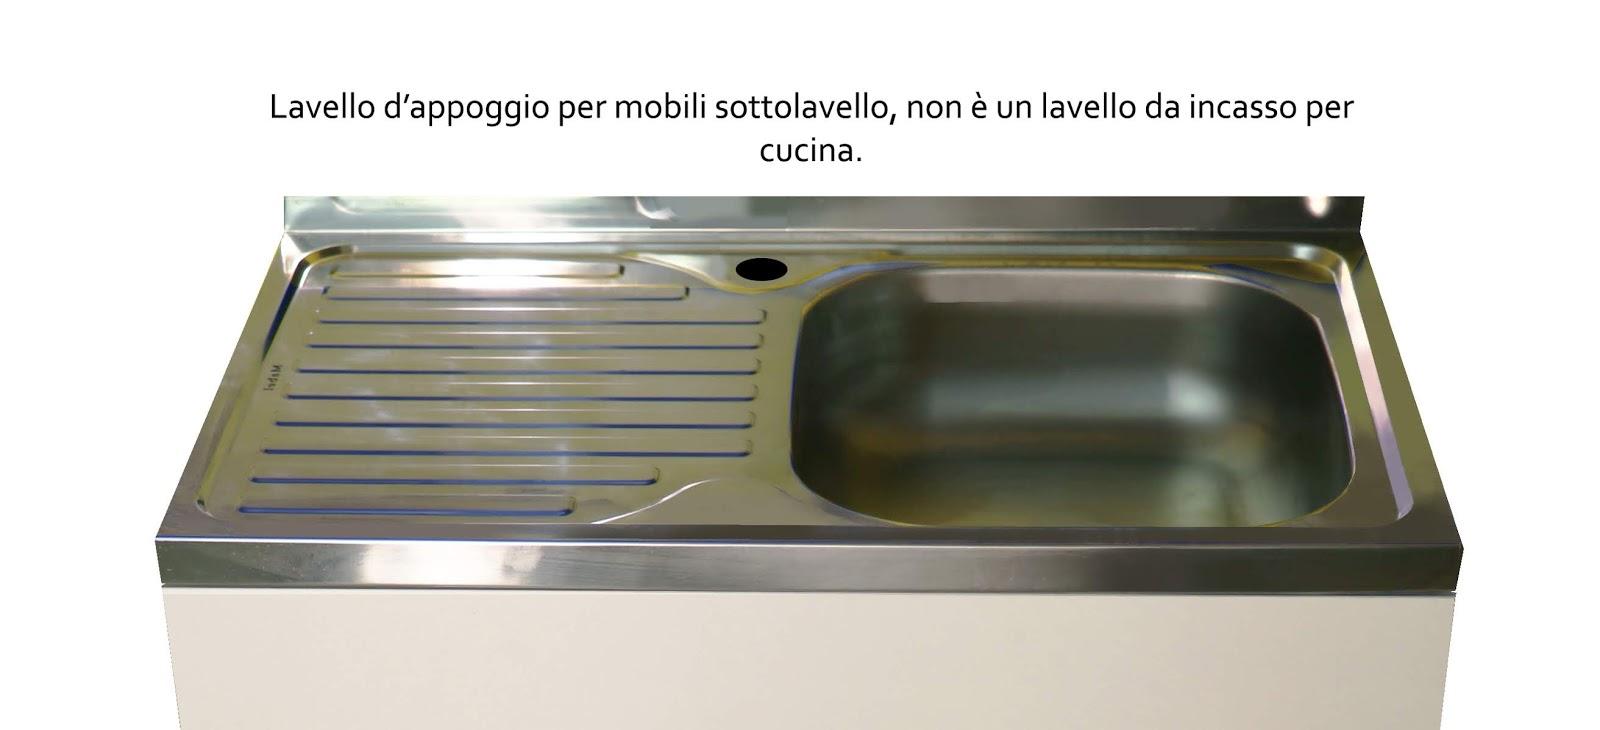 La Mabel che arreda: Il lavello della cucina: suggerimenti per l ...